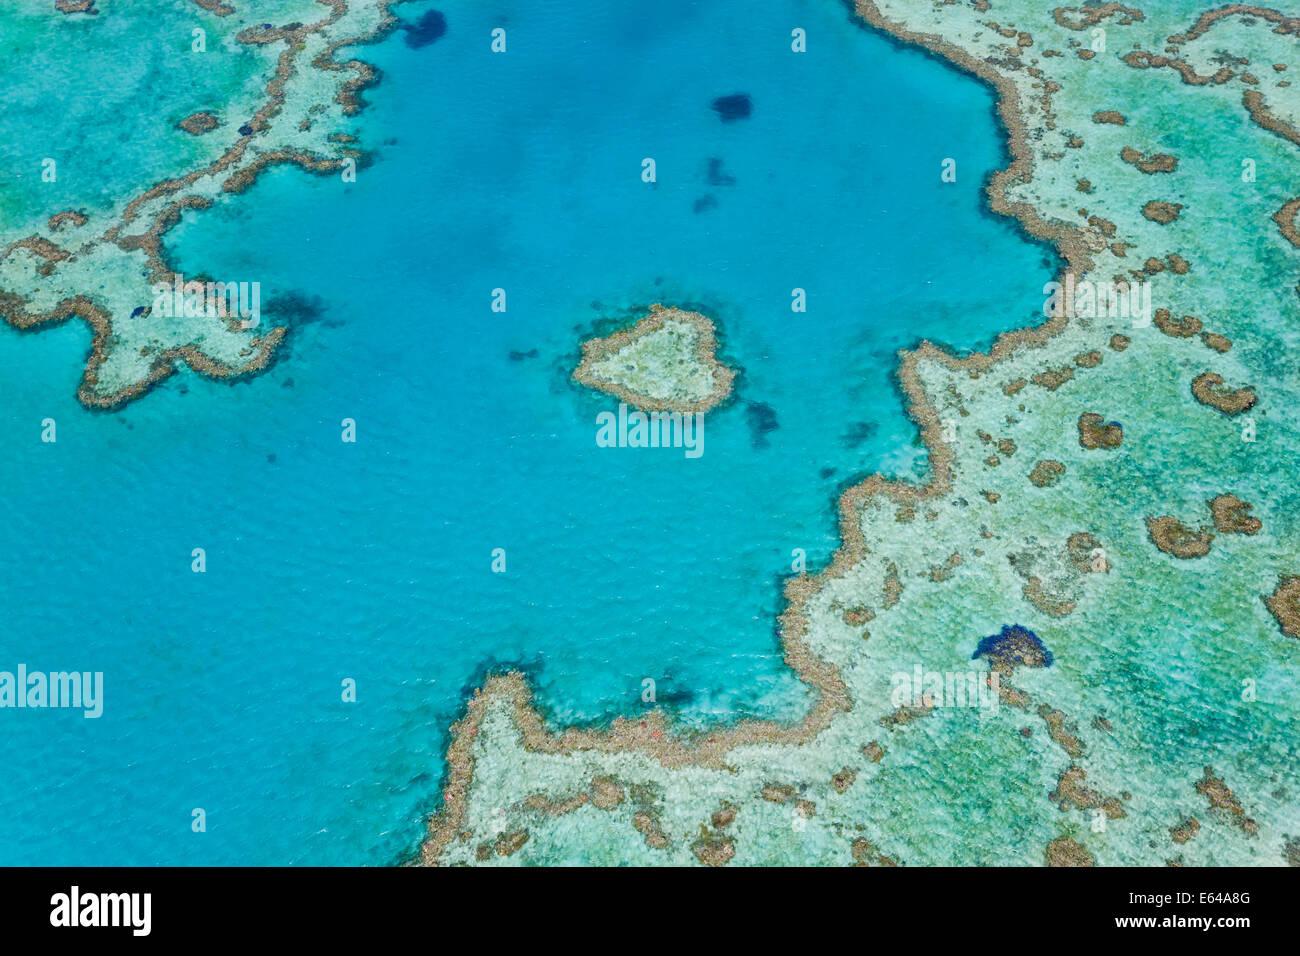 Luftaufnahme des Heart Reef, Teil des Great Barrier Reef, Queensland, Australien Stockbild